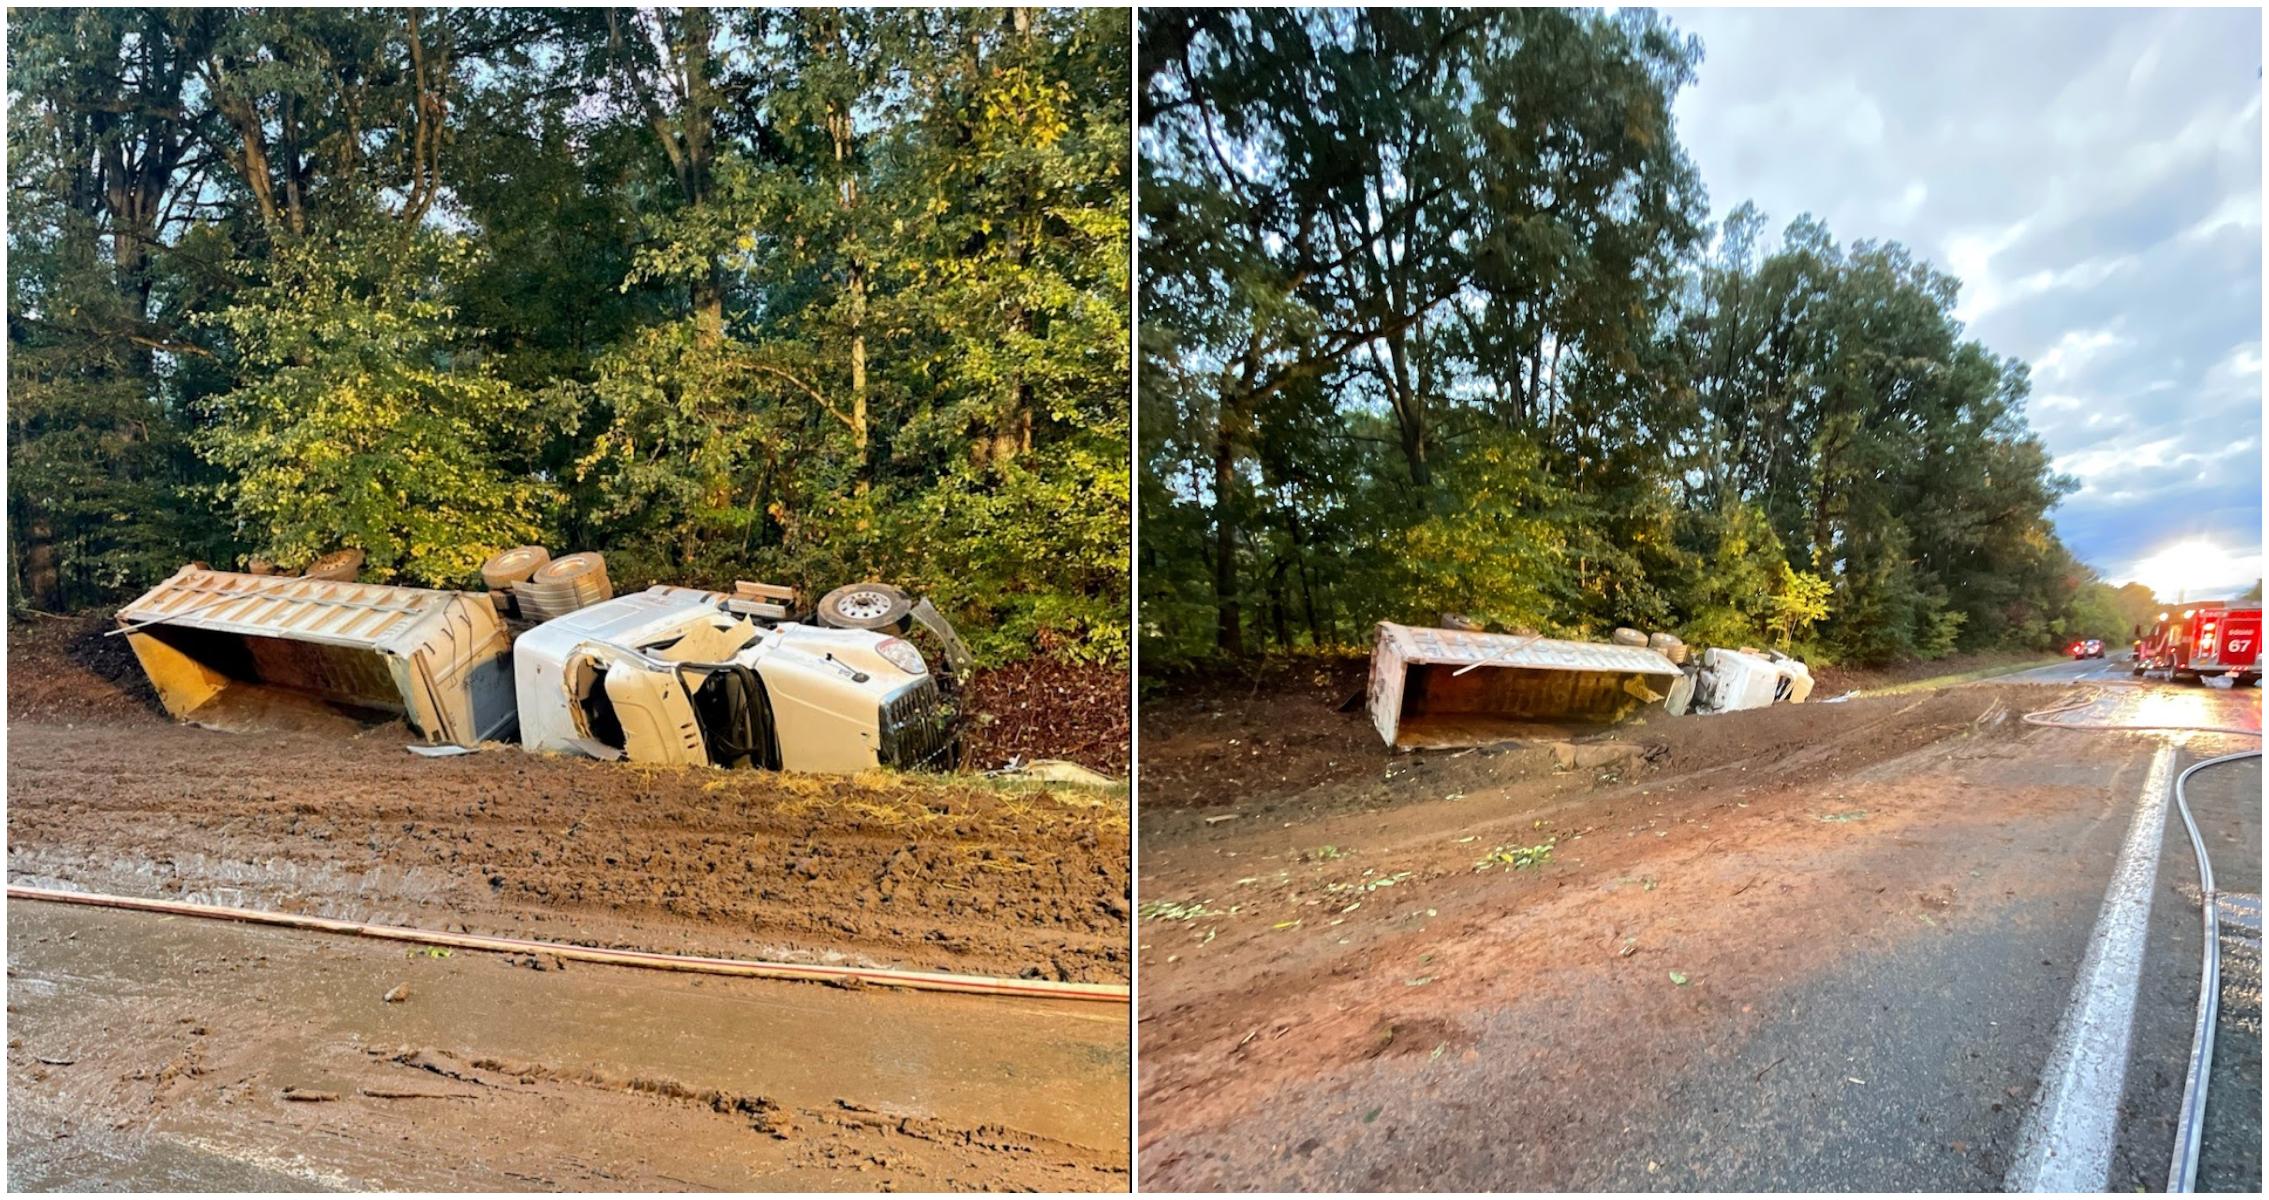 Overturned dump truck